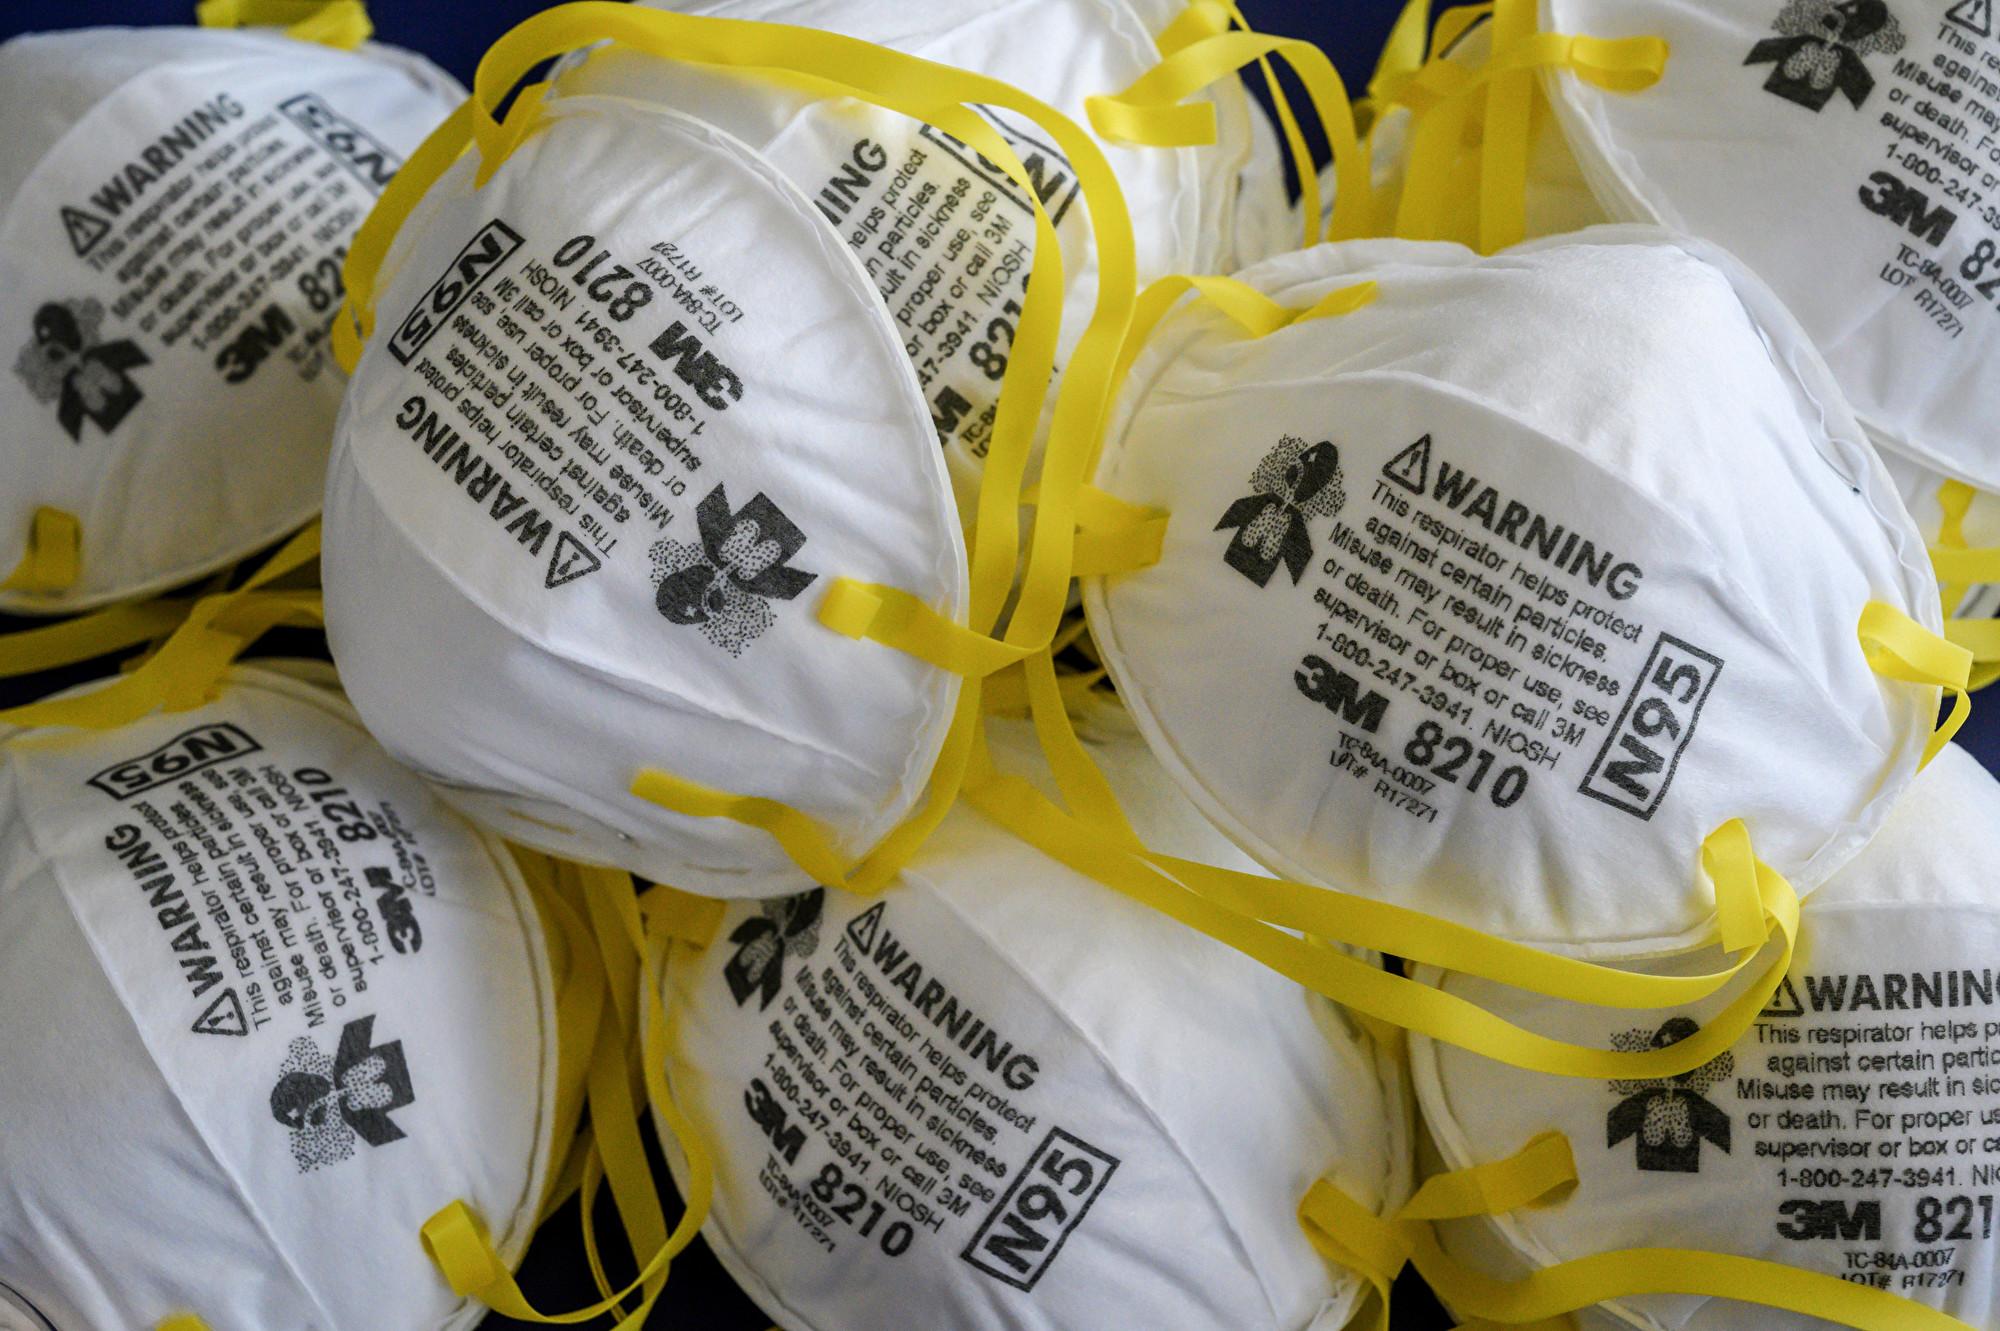 中共肺炎(俗稱武漢肺炎、新冠肺炎)爆發之際,全球出現「口罩荒」,劣質口罩也出現在市面。圖為N95口罩。(Mladen ANTONOV/AFP)